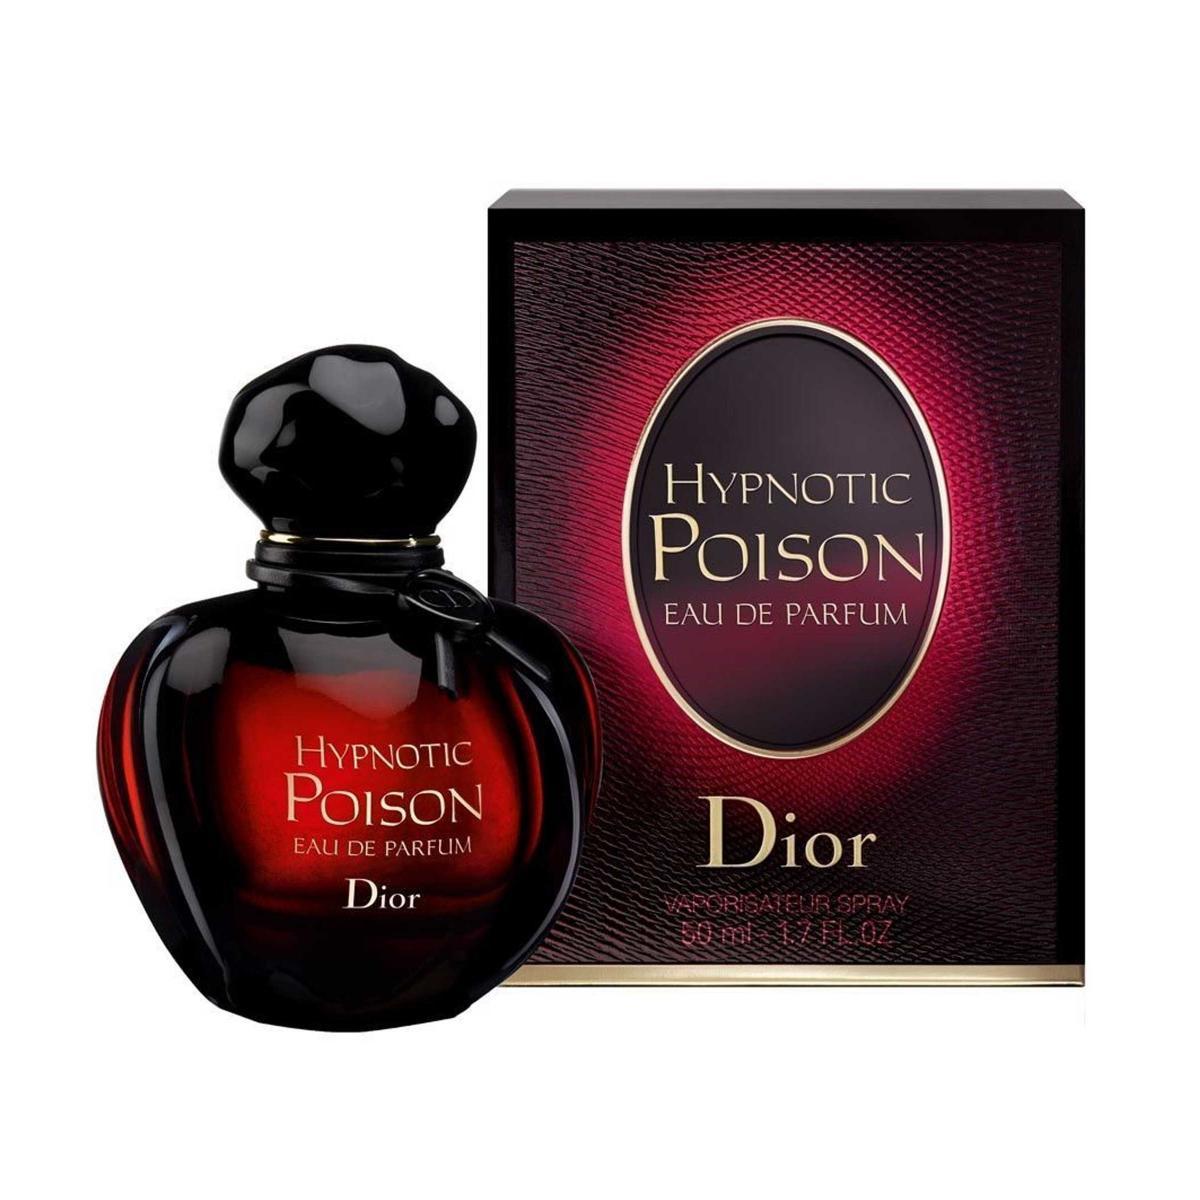 Profumo Hypnotic Poison Christian Dior Eau de Toilette da donna rif. F006342009